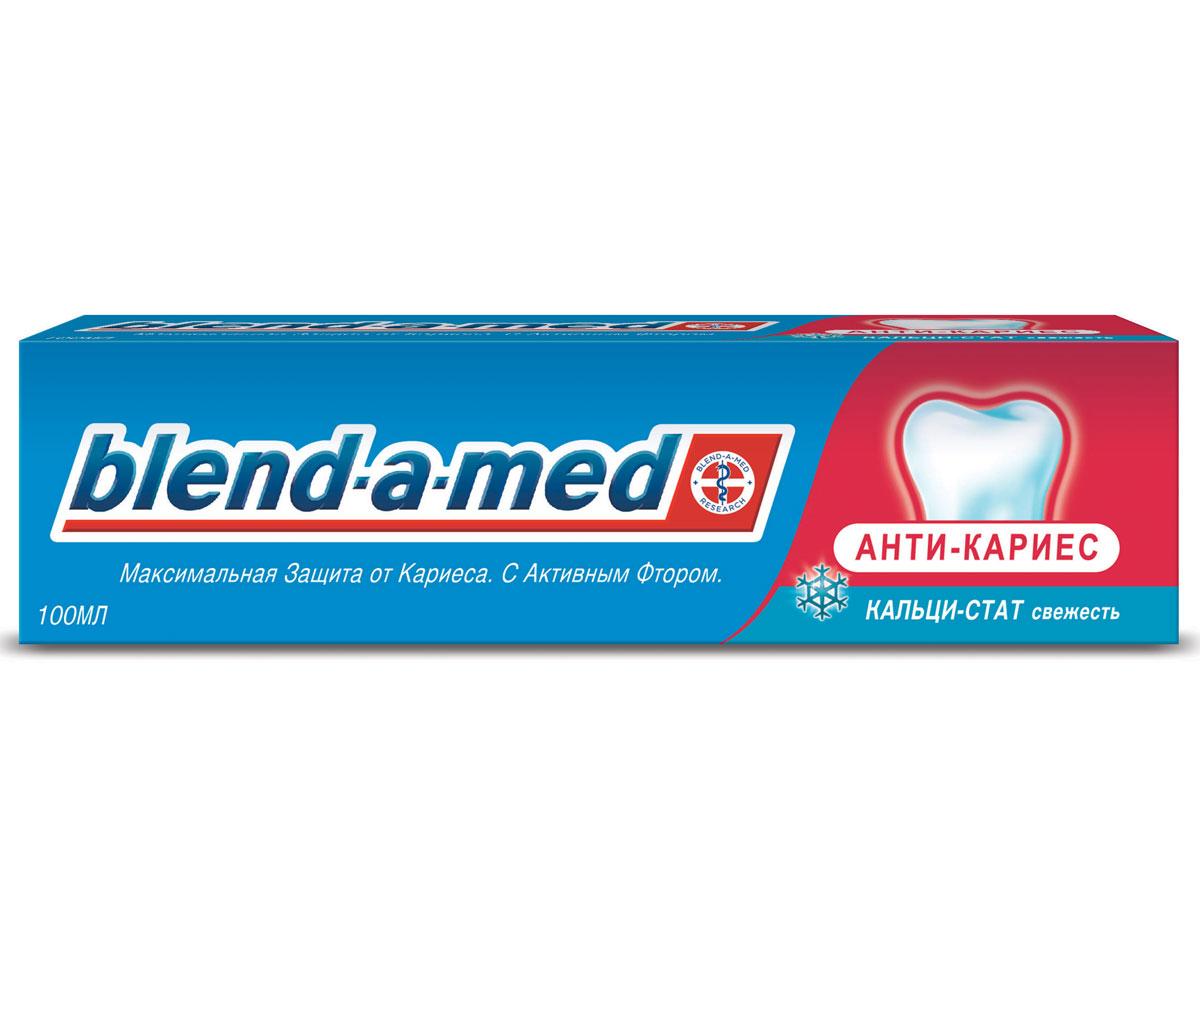 Blend-a-med Зубная паста Анти-кариес. Свежесть, 100 мл181002003Зубная паста Blend-a-med Анти-кариес. Свежесть - это максимальная защита от кариеса. Благодаря ее уникальной формуле с активным фтором, который способствует поступлению естественного кальция и минеральных элементов в состав зубной эмали, помогает остановить развитие кариеса на самой ранней стадии его образования. Характеристики:Объем: 100 мл. Производитель: Китай. Товар сертифицирован.